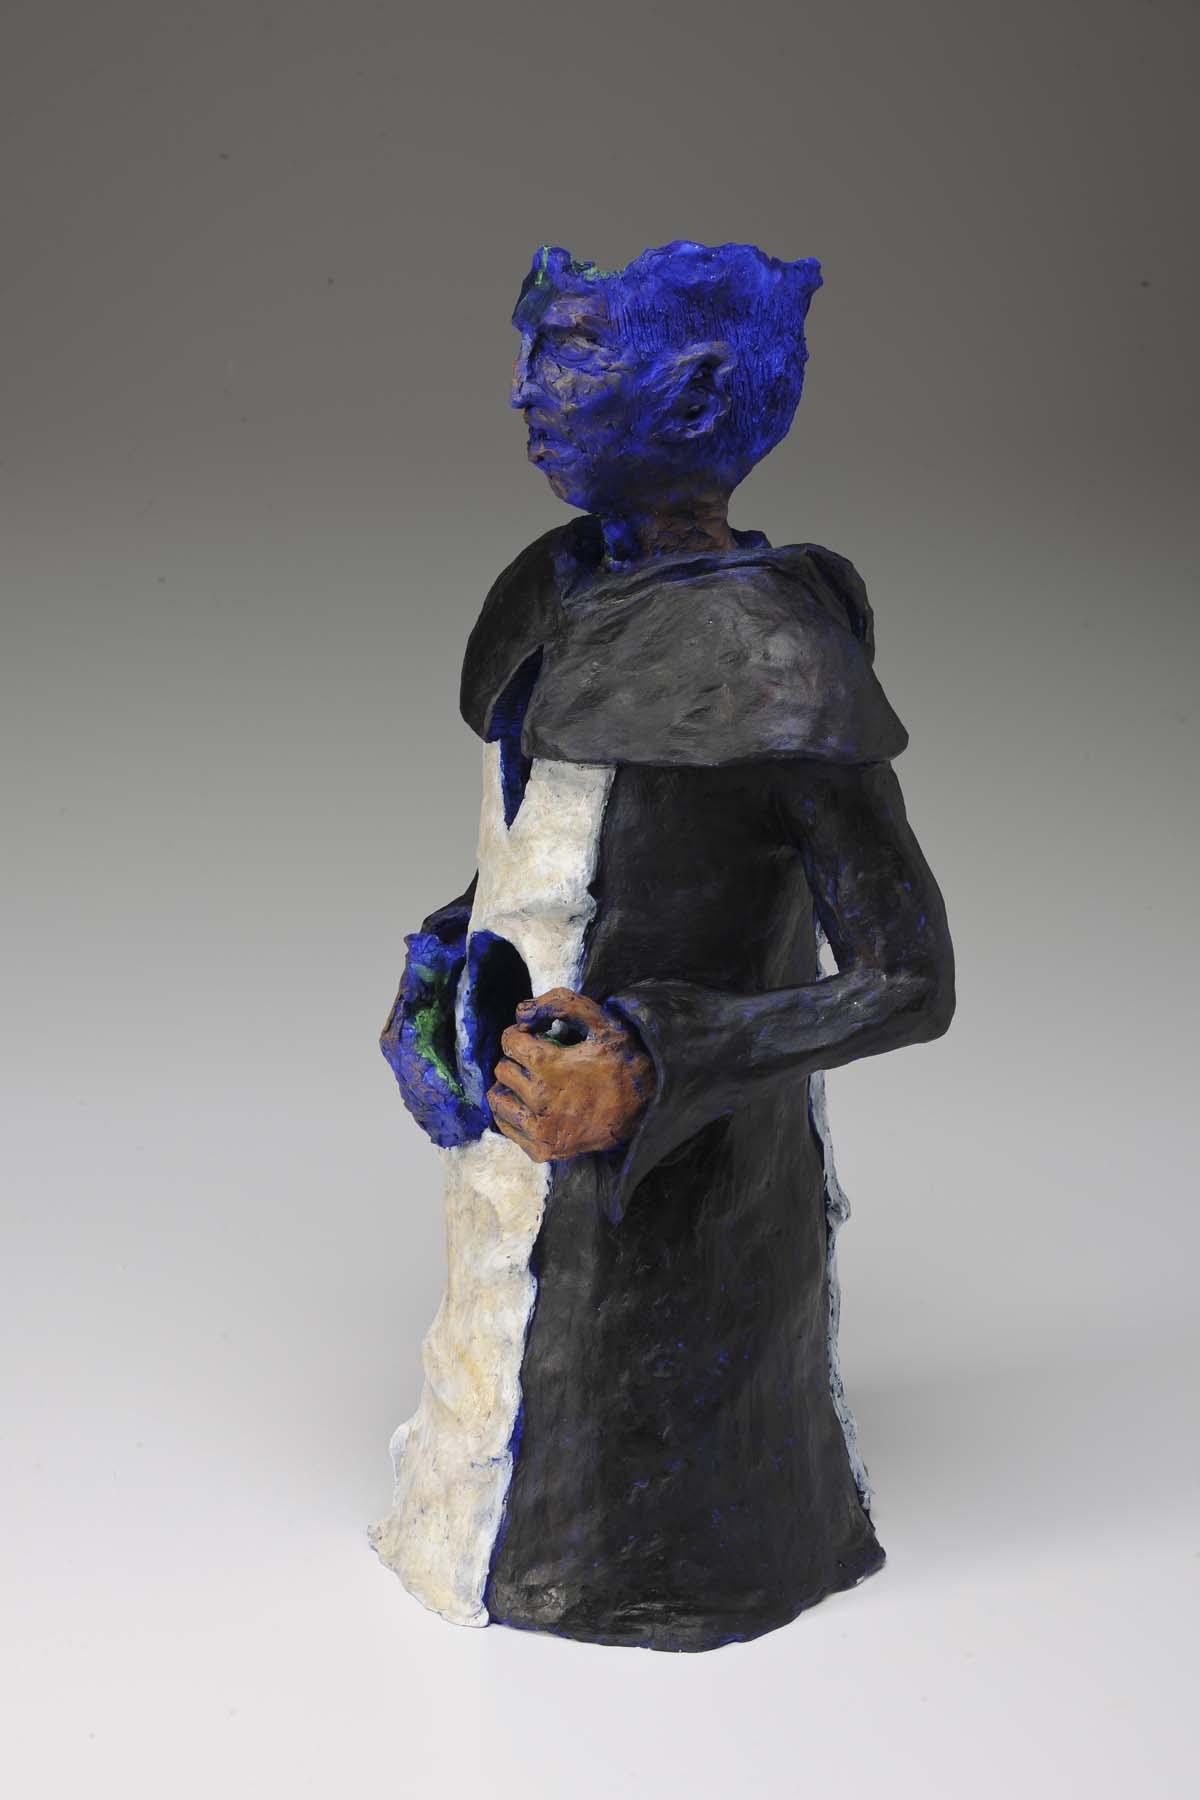 Meister_Eckhart_by_Sybil_Archibald_s_1200-sculpture.jpg